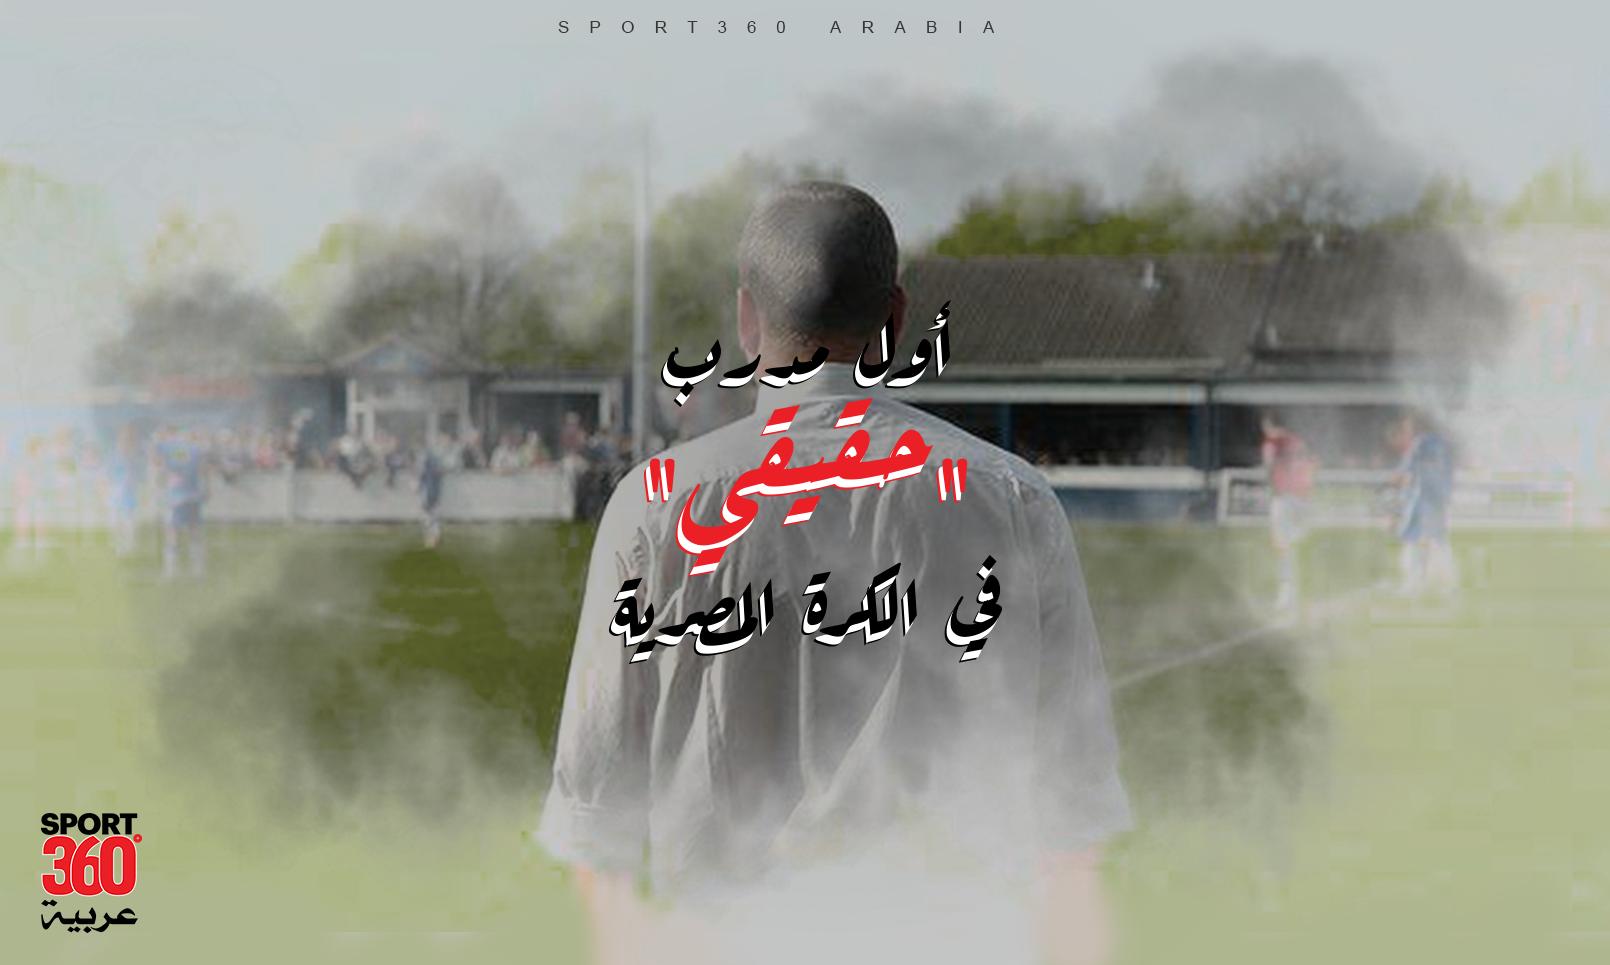 """أول مدرب """"حقيقي"""" في  الكرة المصرية! - مختارات - كرة مصرية - سبورت360 عربية"""